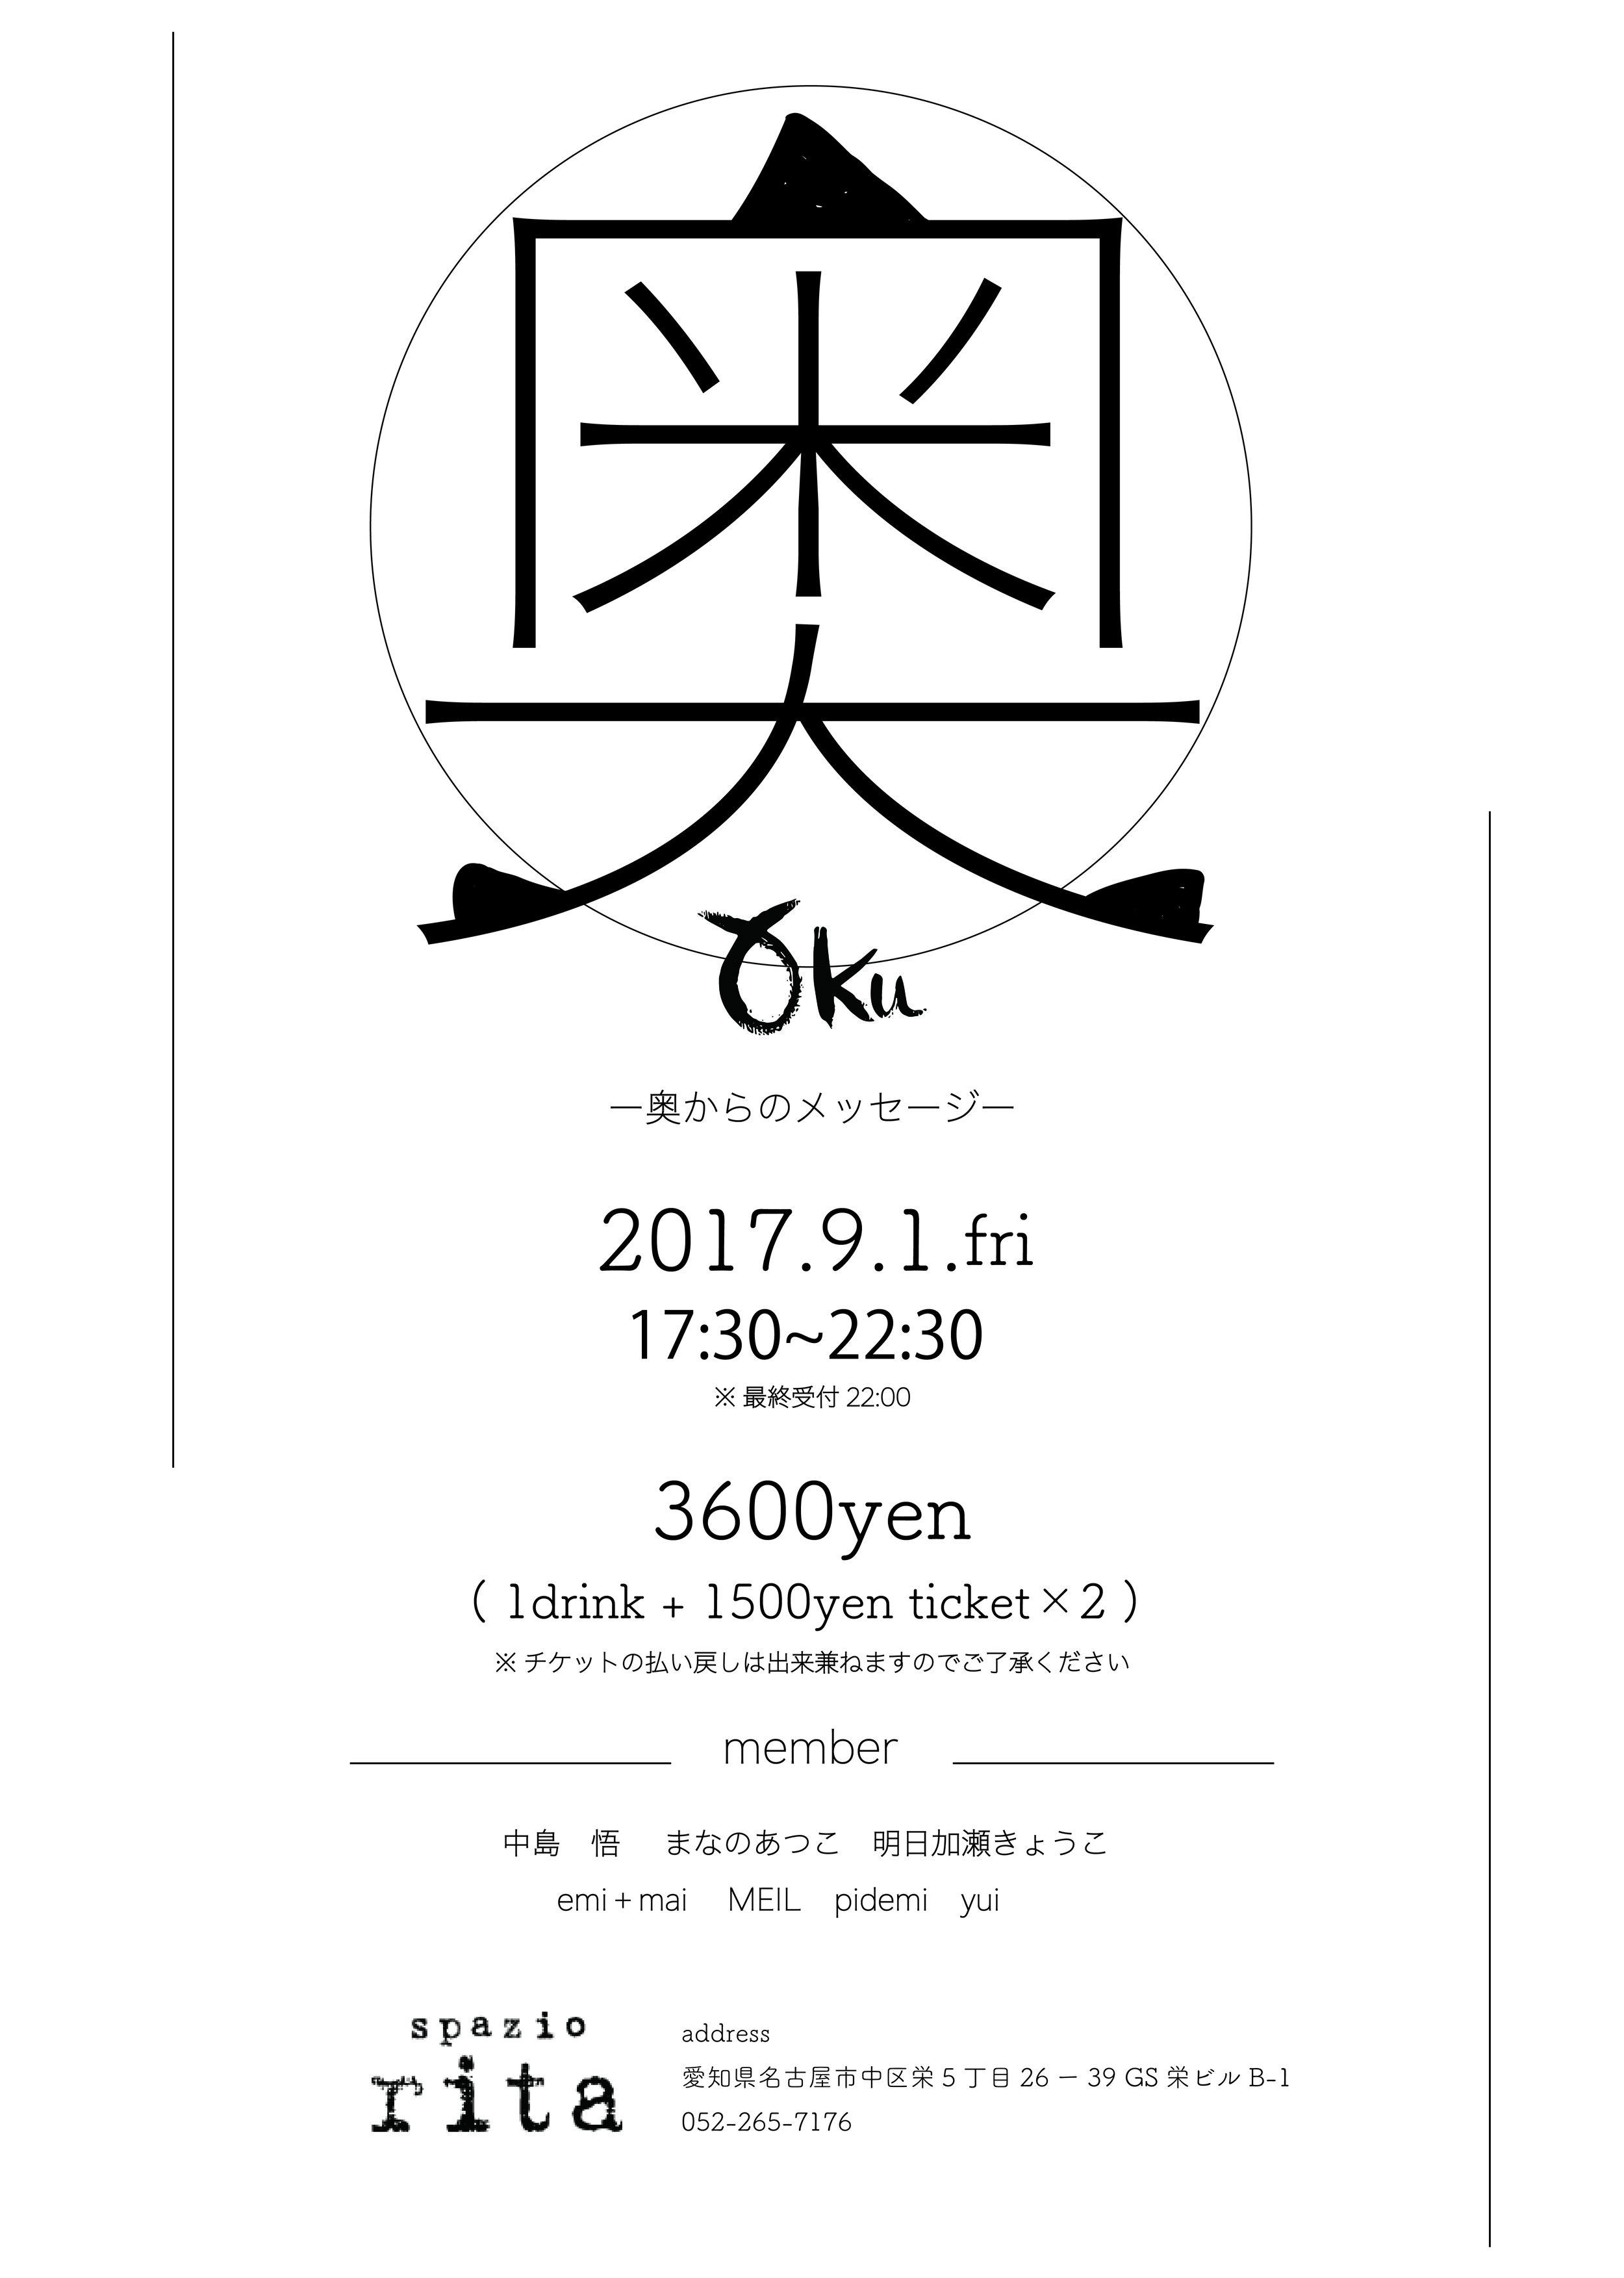 oku3回目最終.jpg